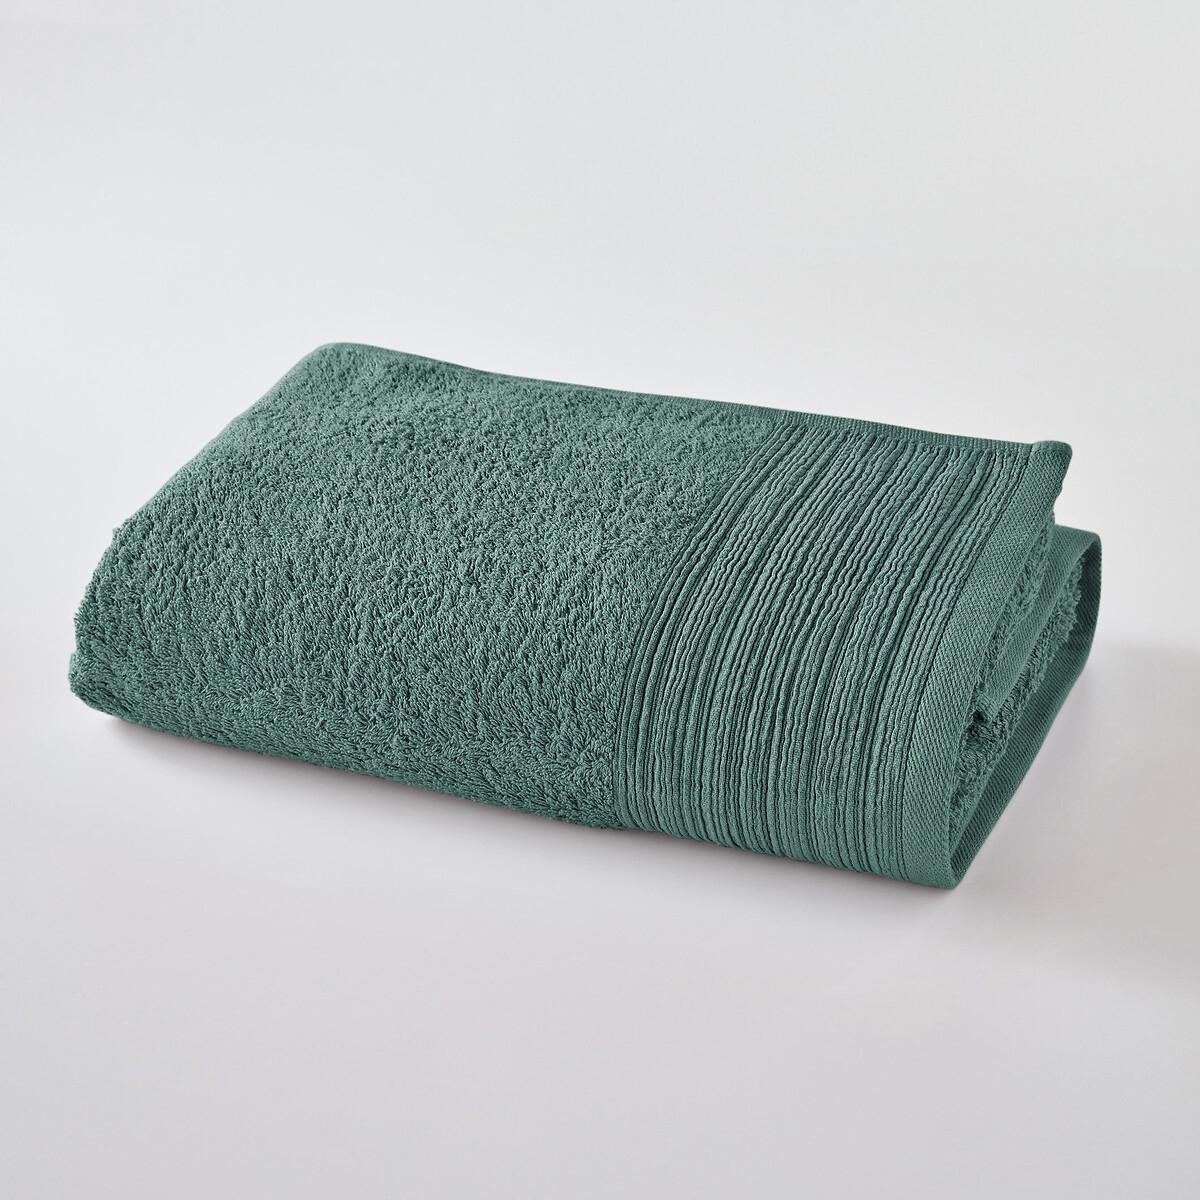 Drap de bain uni coton bio 500g/m², Scenario